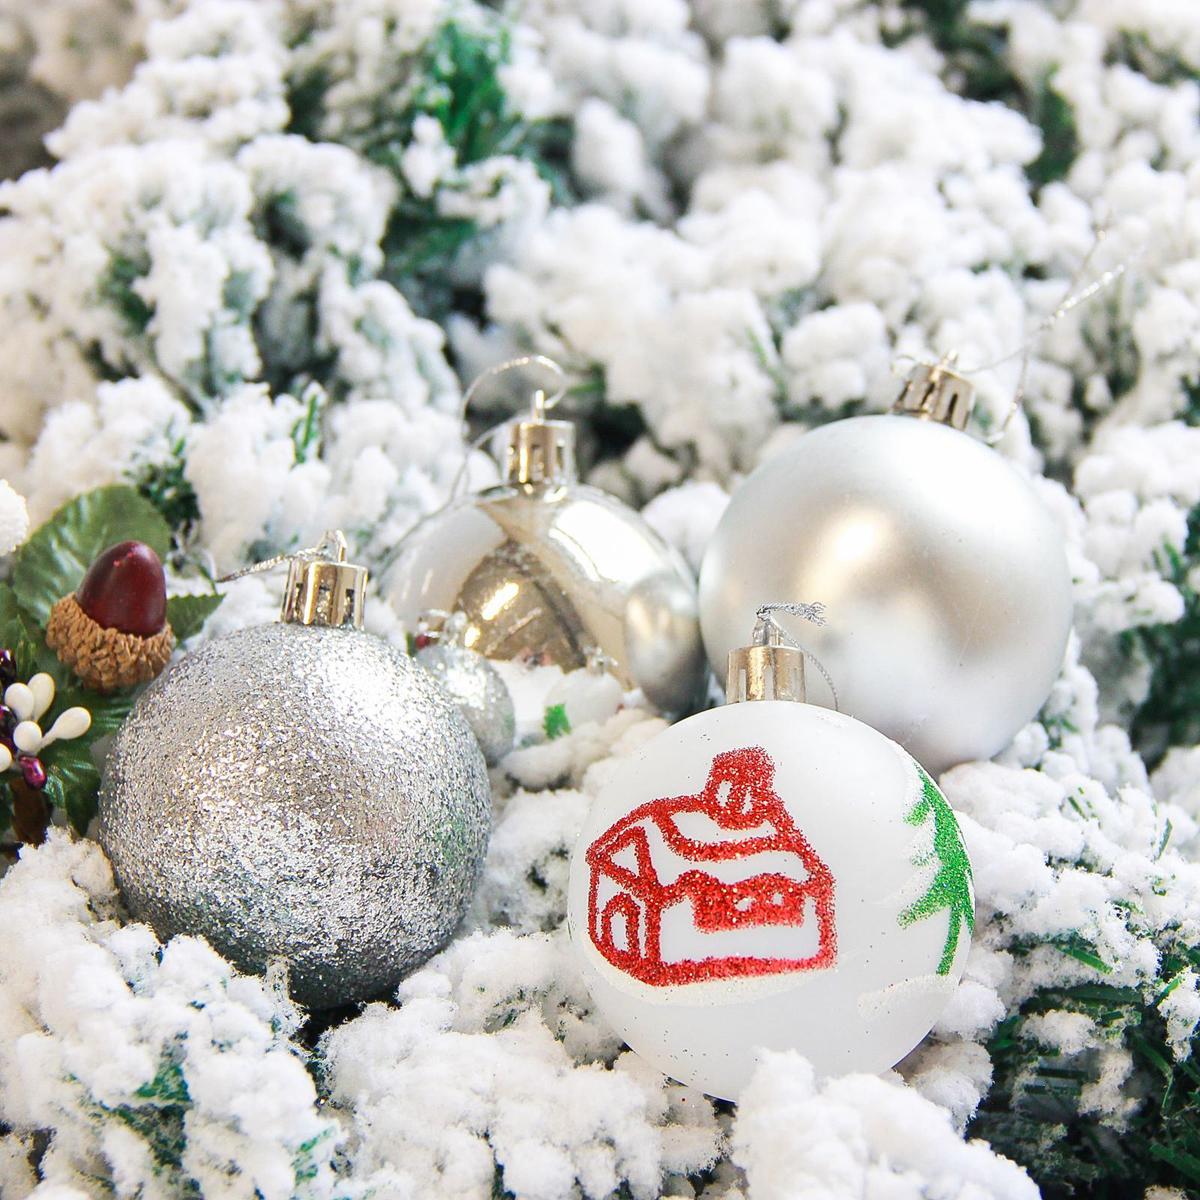 Набор новогодних подвесных украшений Sima-land Кьюзо, цвет: серебристый, диаметр 6 см, 16 шт. 21782362178236Набор новогодних подвесных украшений Sima-land отлично подойдет для декорации вашего дома и новогодней ели. С помощью специальной петельки украшение можно повесить в любом понравившемся вам месте. Но, конечно, удачнее всего оно будет смотреться на праздничной елке. Елочная игрушка - символ Нового года. Она несет в себе волшебство и красоту праздника. Создайте в своем доме атмосферу веселья и радости, украшая новогоднюю елку нарядными игрушками, которые будут из года в год накапливать теплоту воспоминаний.